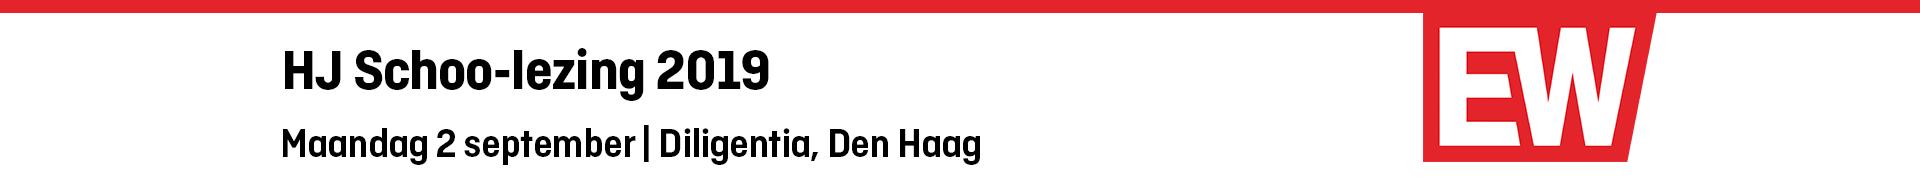 HJ Schoo-lezing 2019 (gasten/pers)